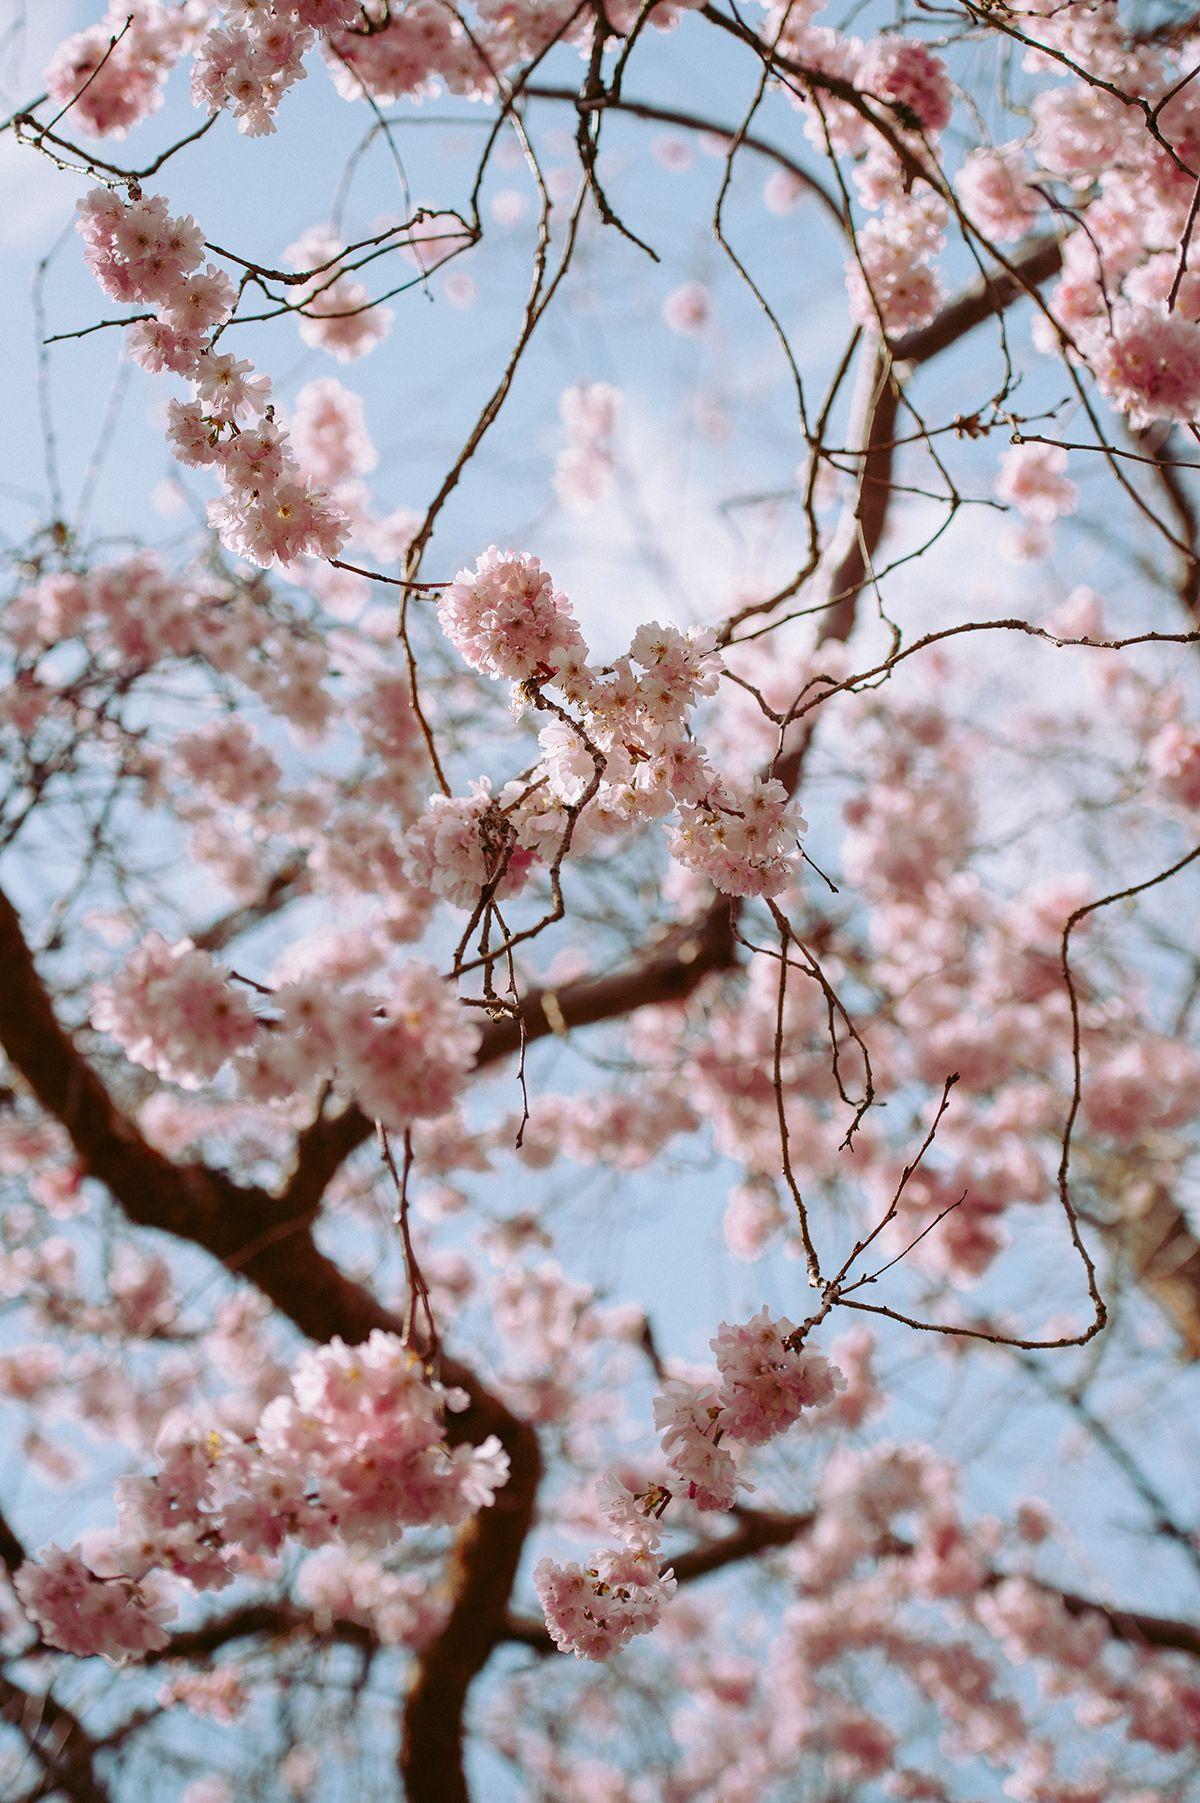 Spring Bucket List Hintergrundbilder Fruhling Fruhling Hintergrunde Fruhling Wallpaper